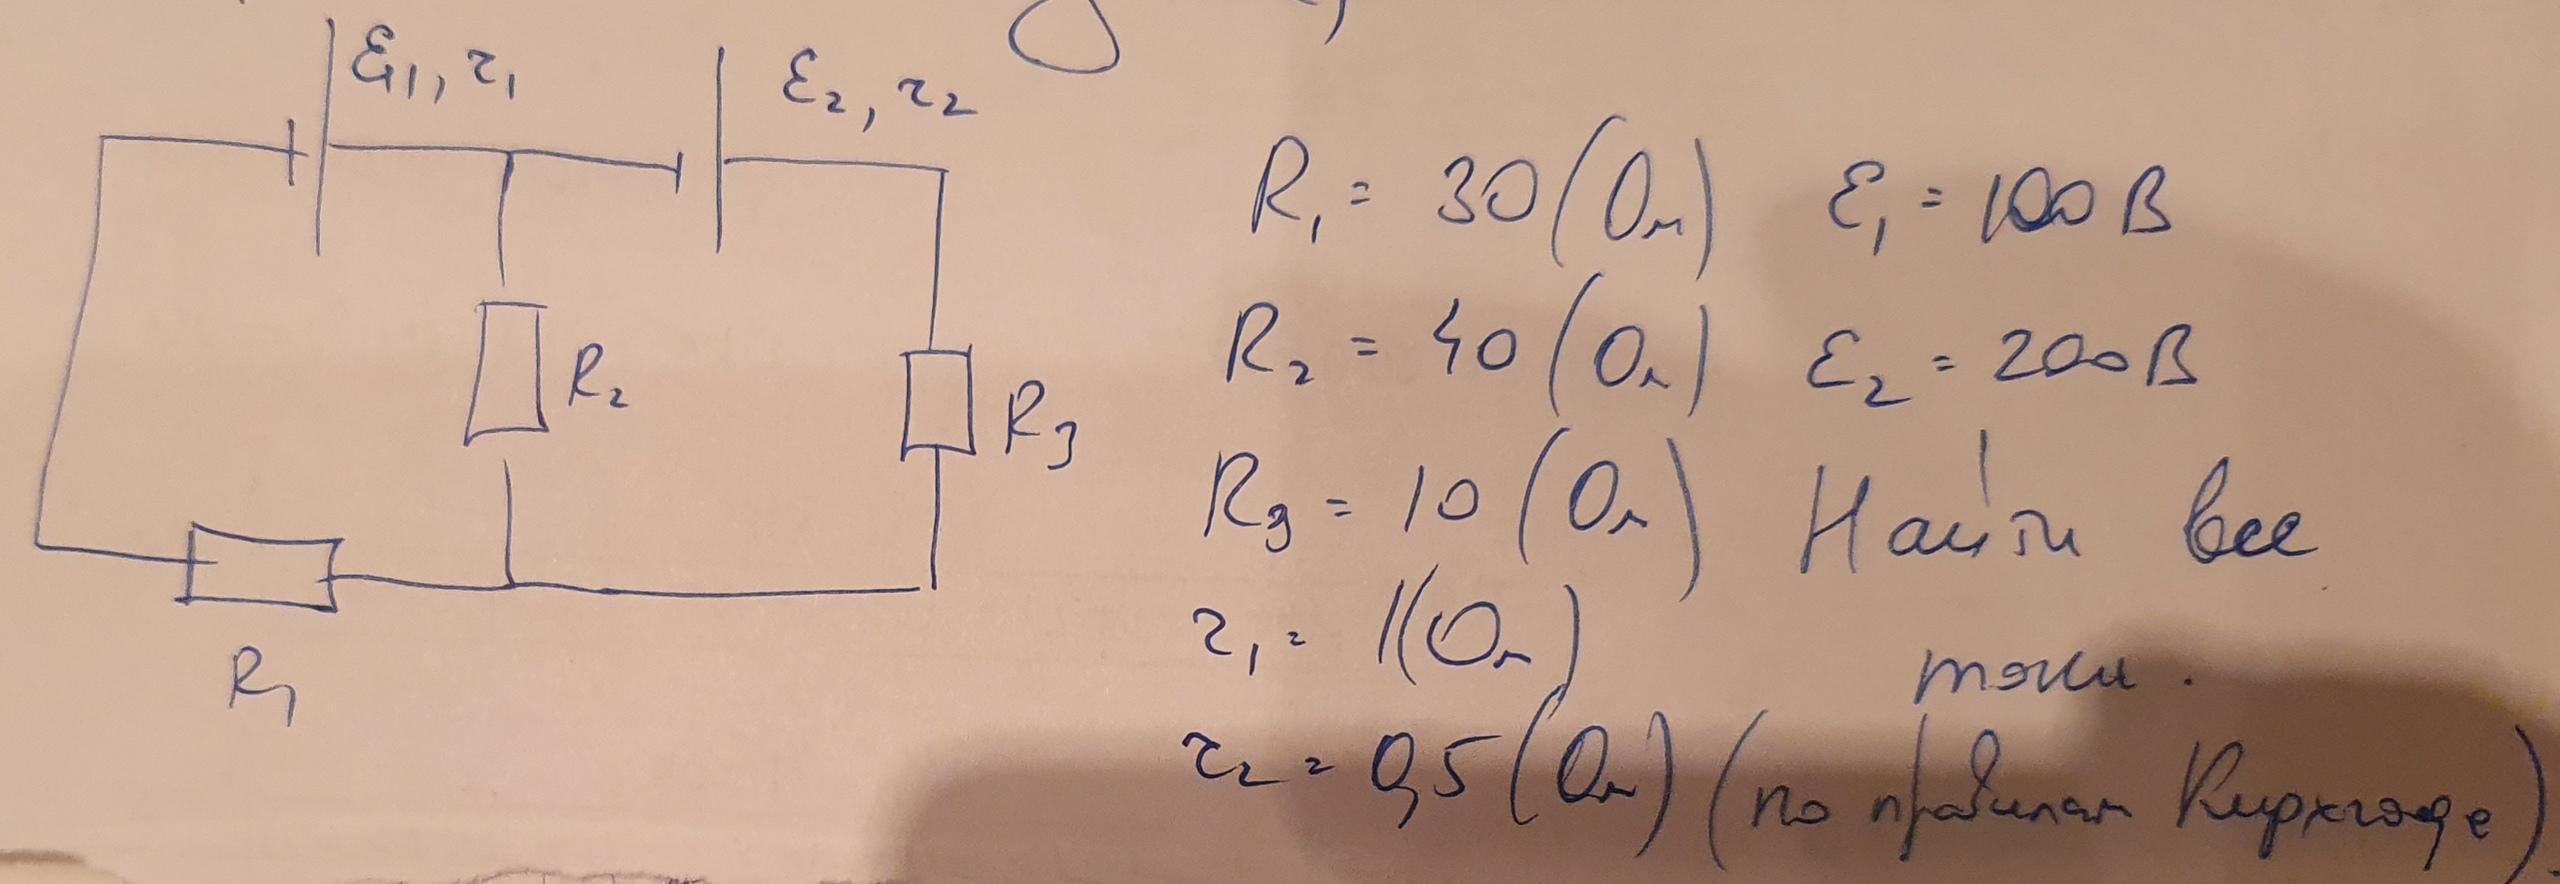 Не получается решить задачу по физике решение задач с ответами по генетике